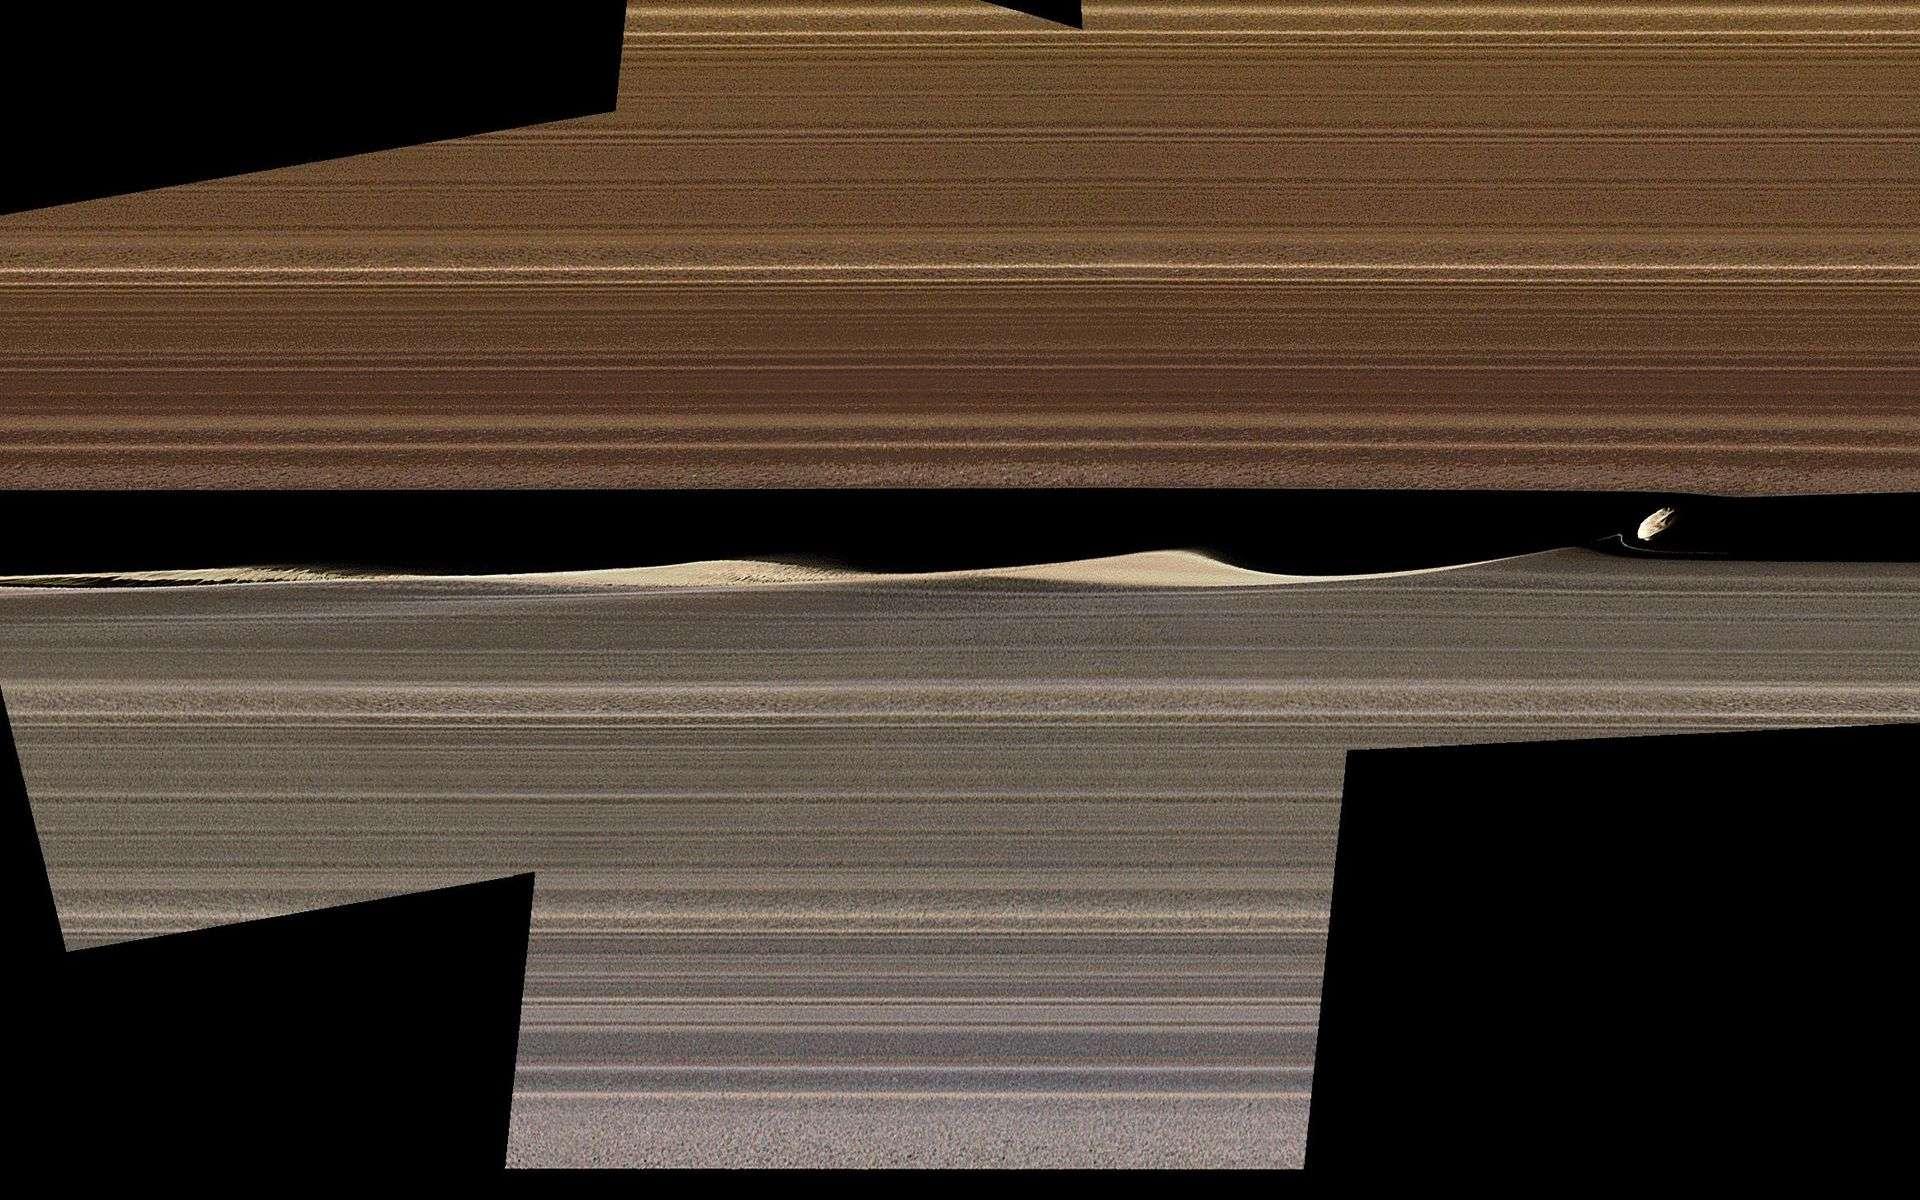 Les effets de Daphnis sur les anneaux de Saturne. © Nasa, JPL-Caltech, Space Science Institute